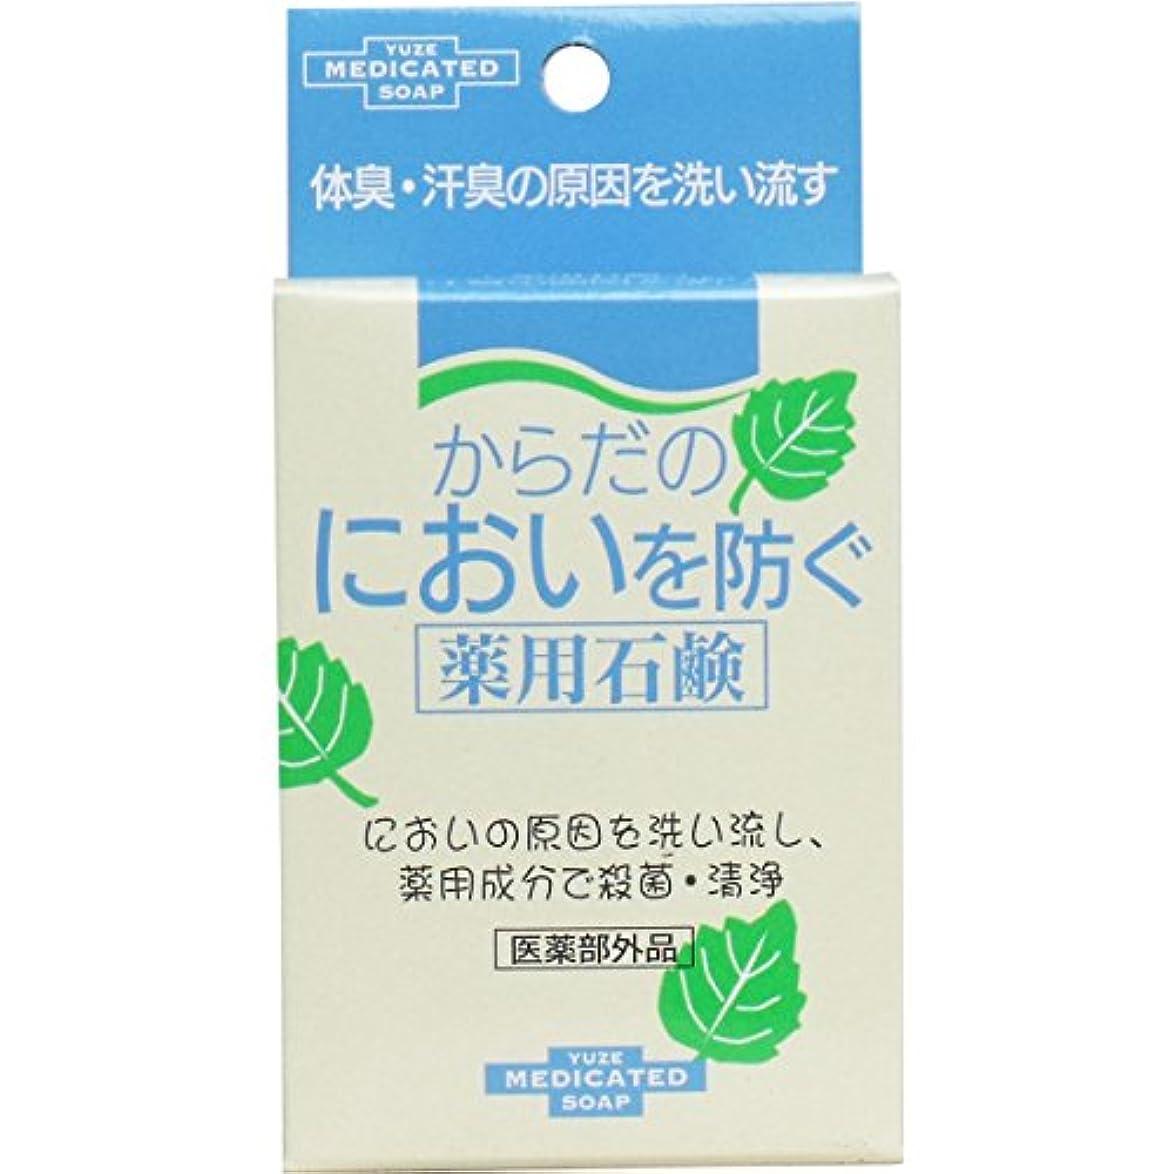 アクチュエータ喜劇第二にユゼ からだのにおいを防ぐ薬用石鹸 7セット